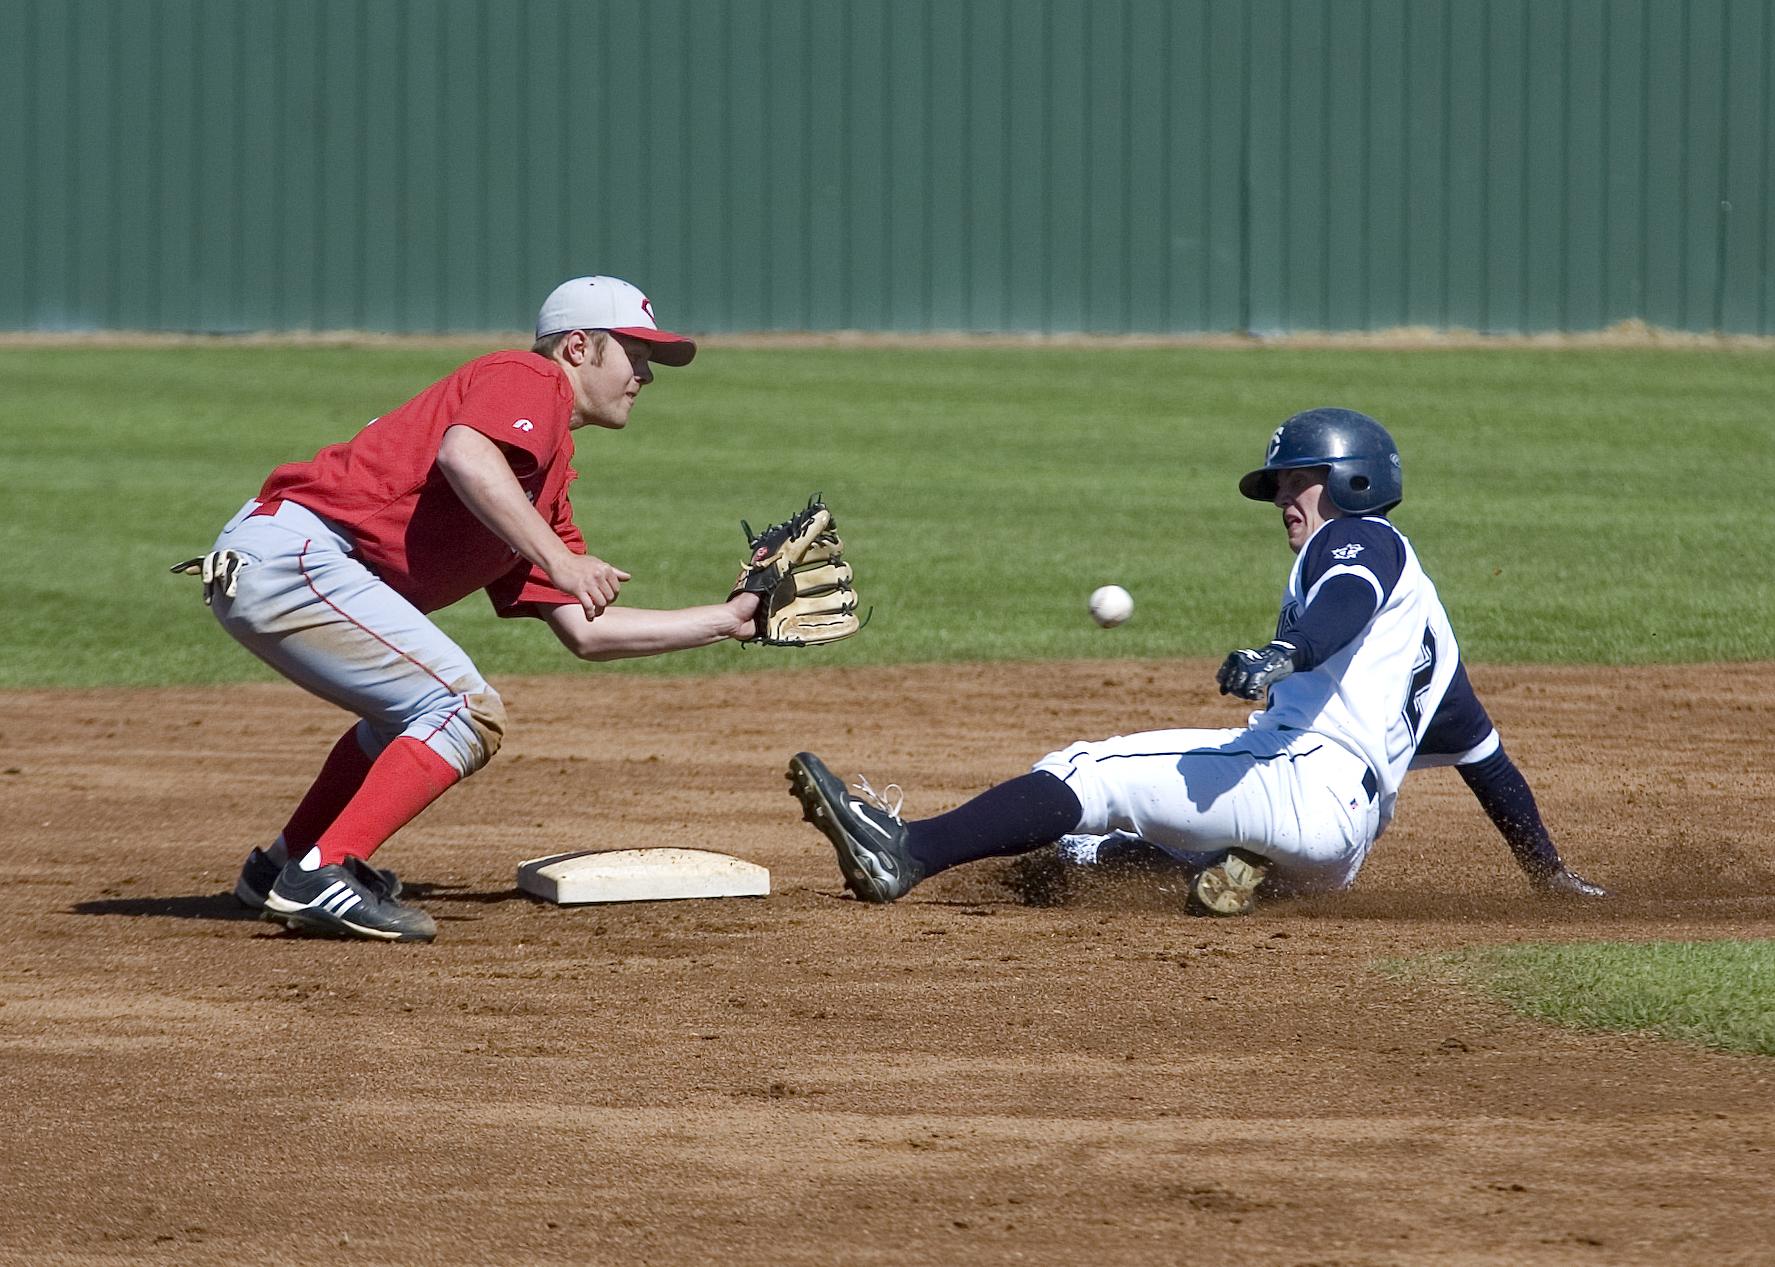 02.22.09_baseball.jpg